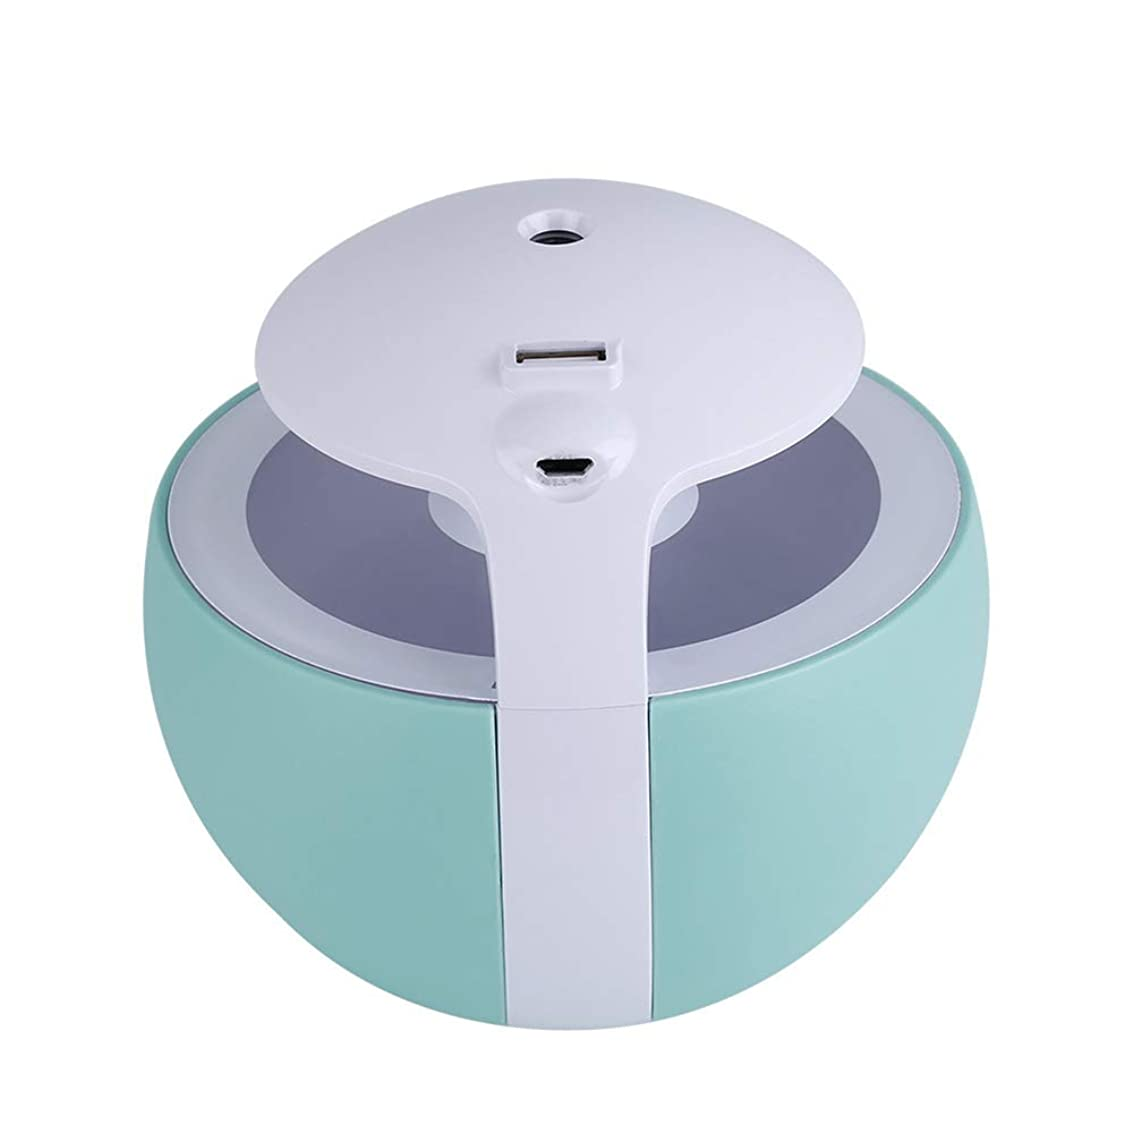 女王させるかるナイトエルフ加湿器多機能USB小型ライト小型ファンホームデスクトップエアコンルーム加湿,Blue